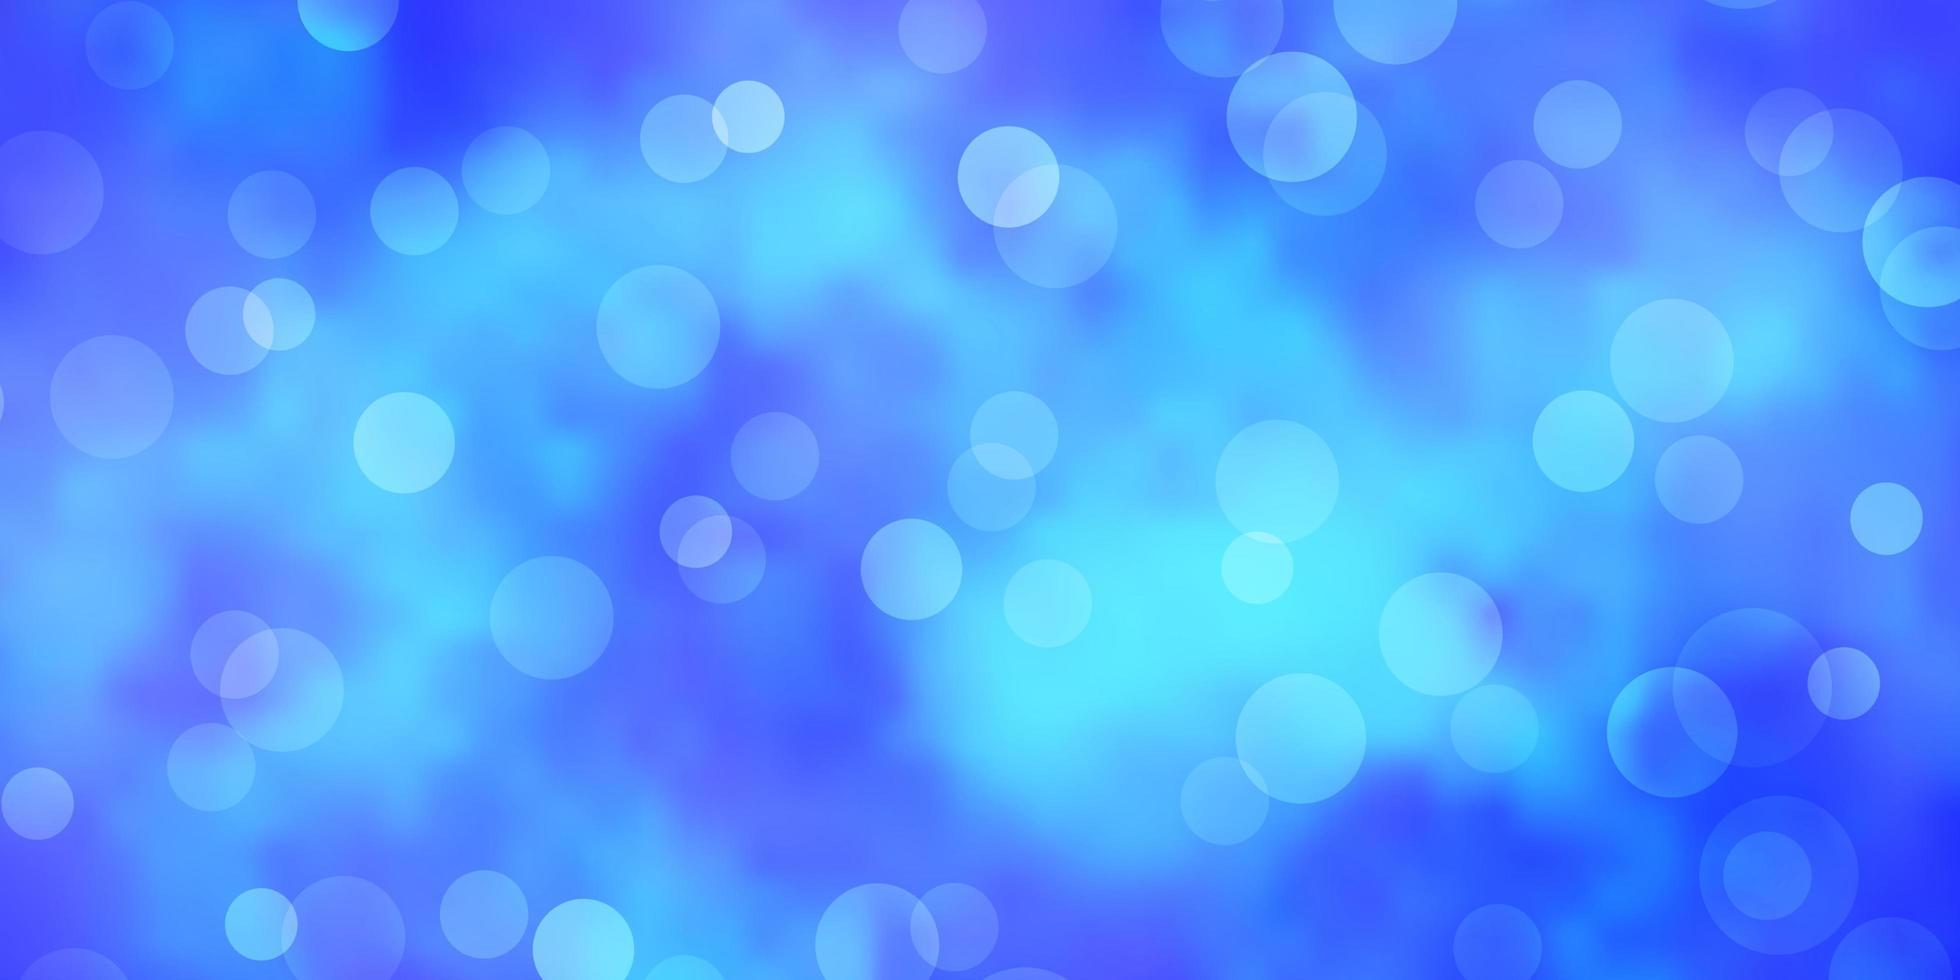 ljusblå vektor bakgrund med bubblor.